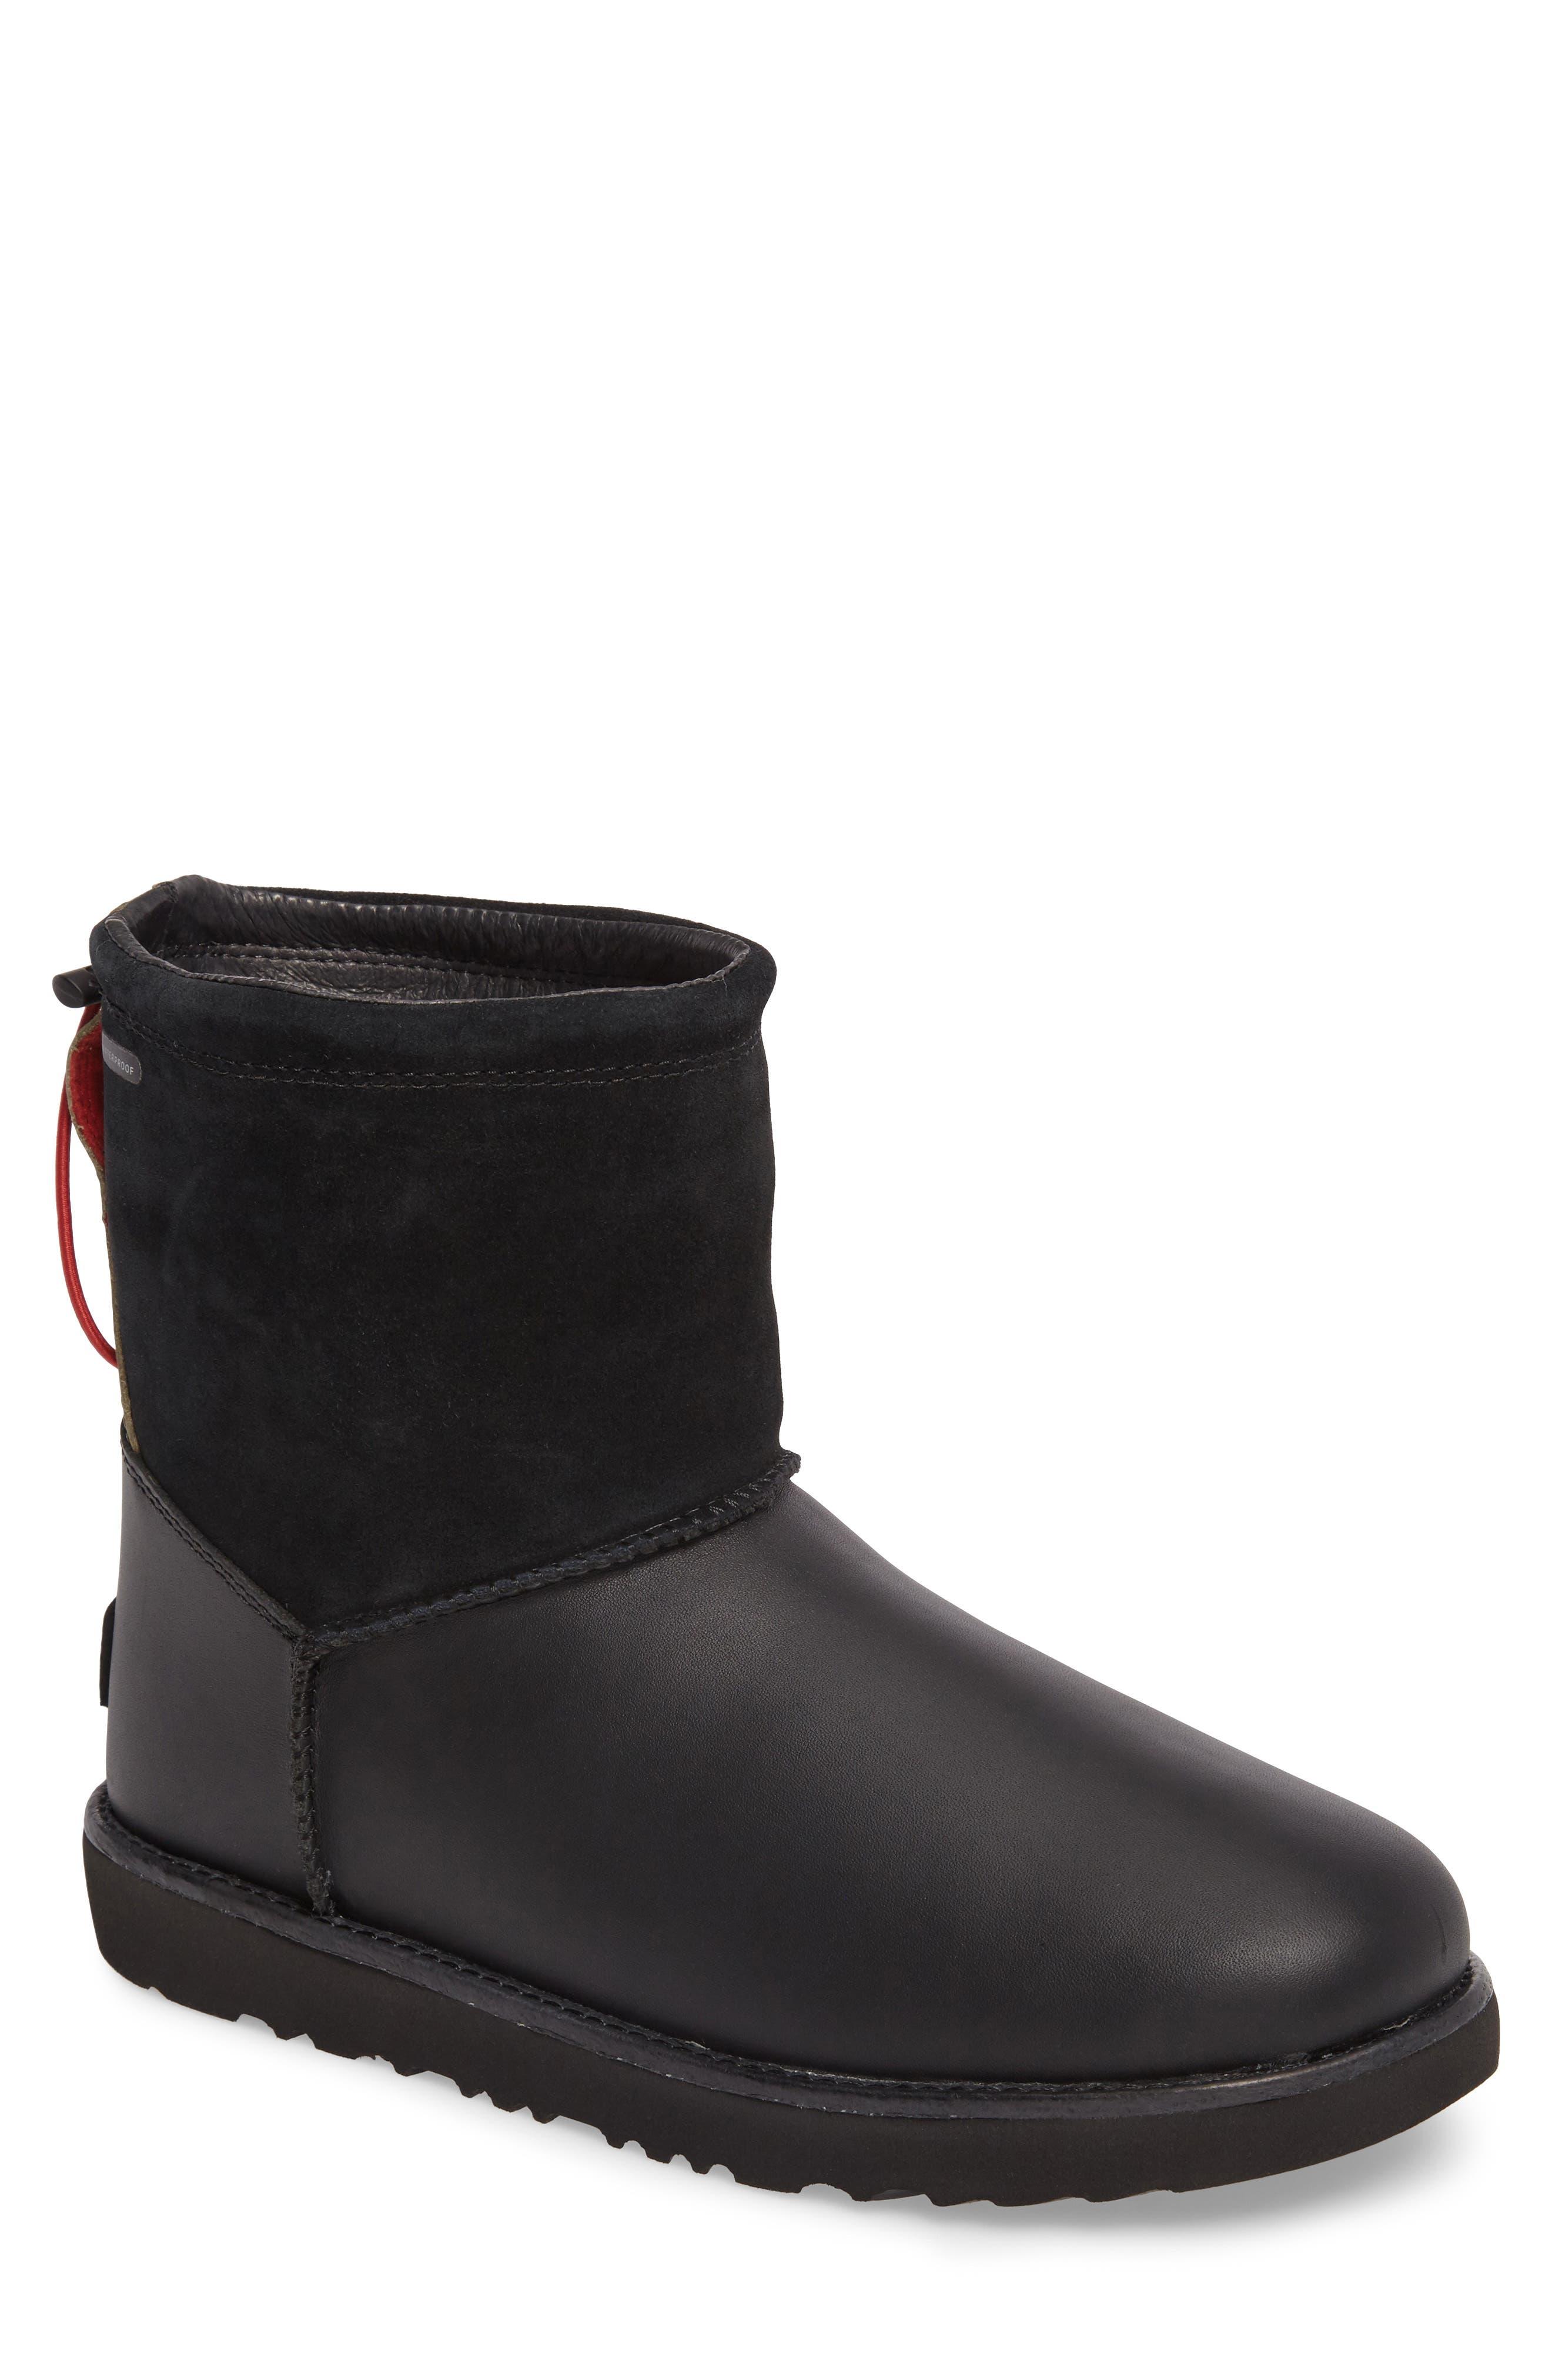 Alternate Image 1 Selected - UGG® Classic Waterproof Boot (Men)